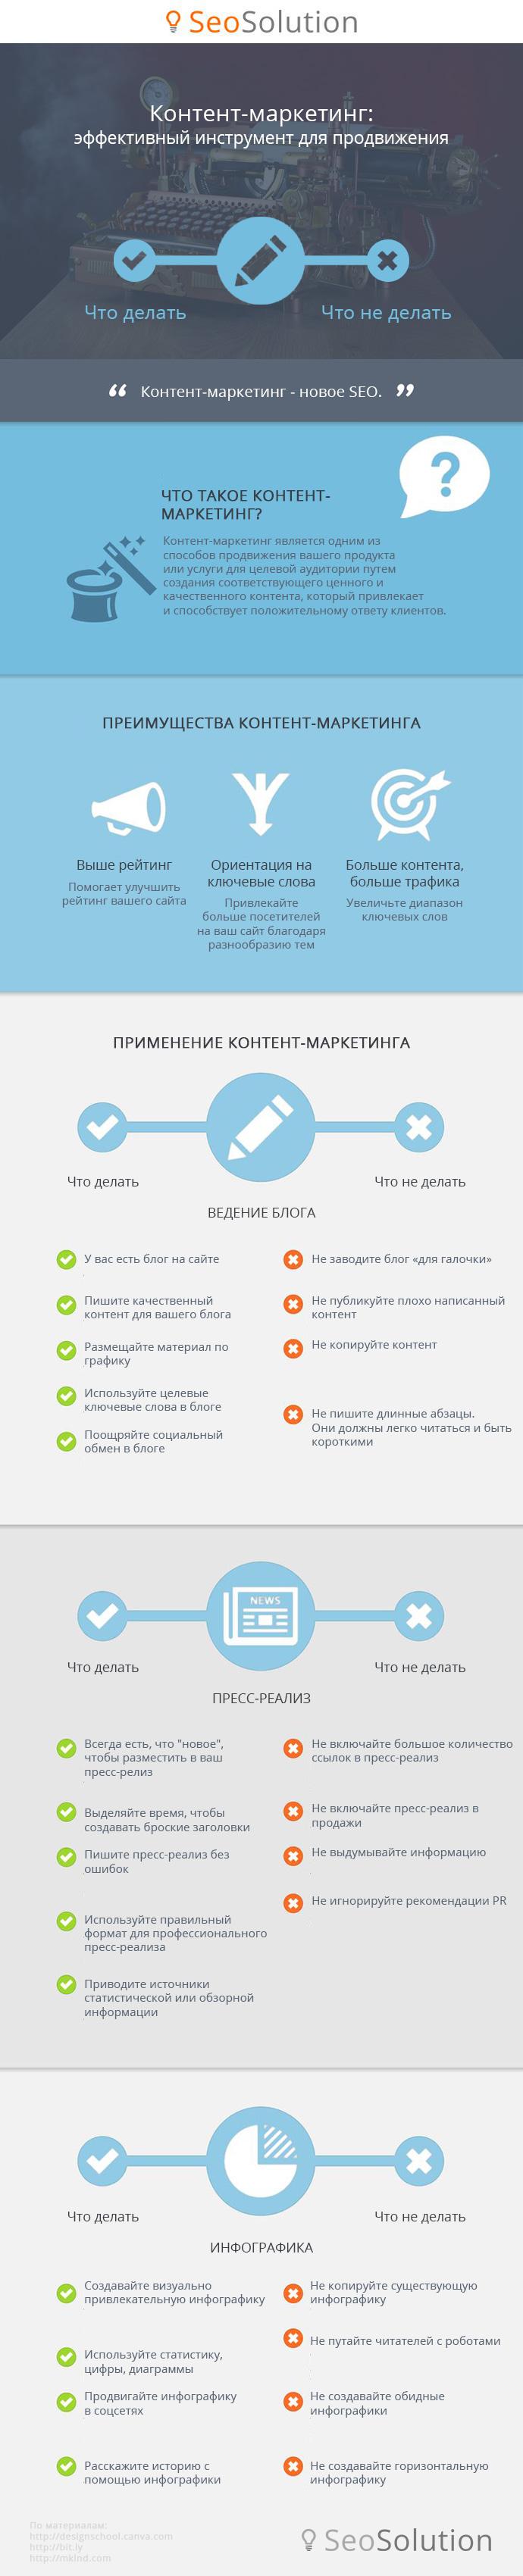 Маркетинг на основе баз данных - e